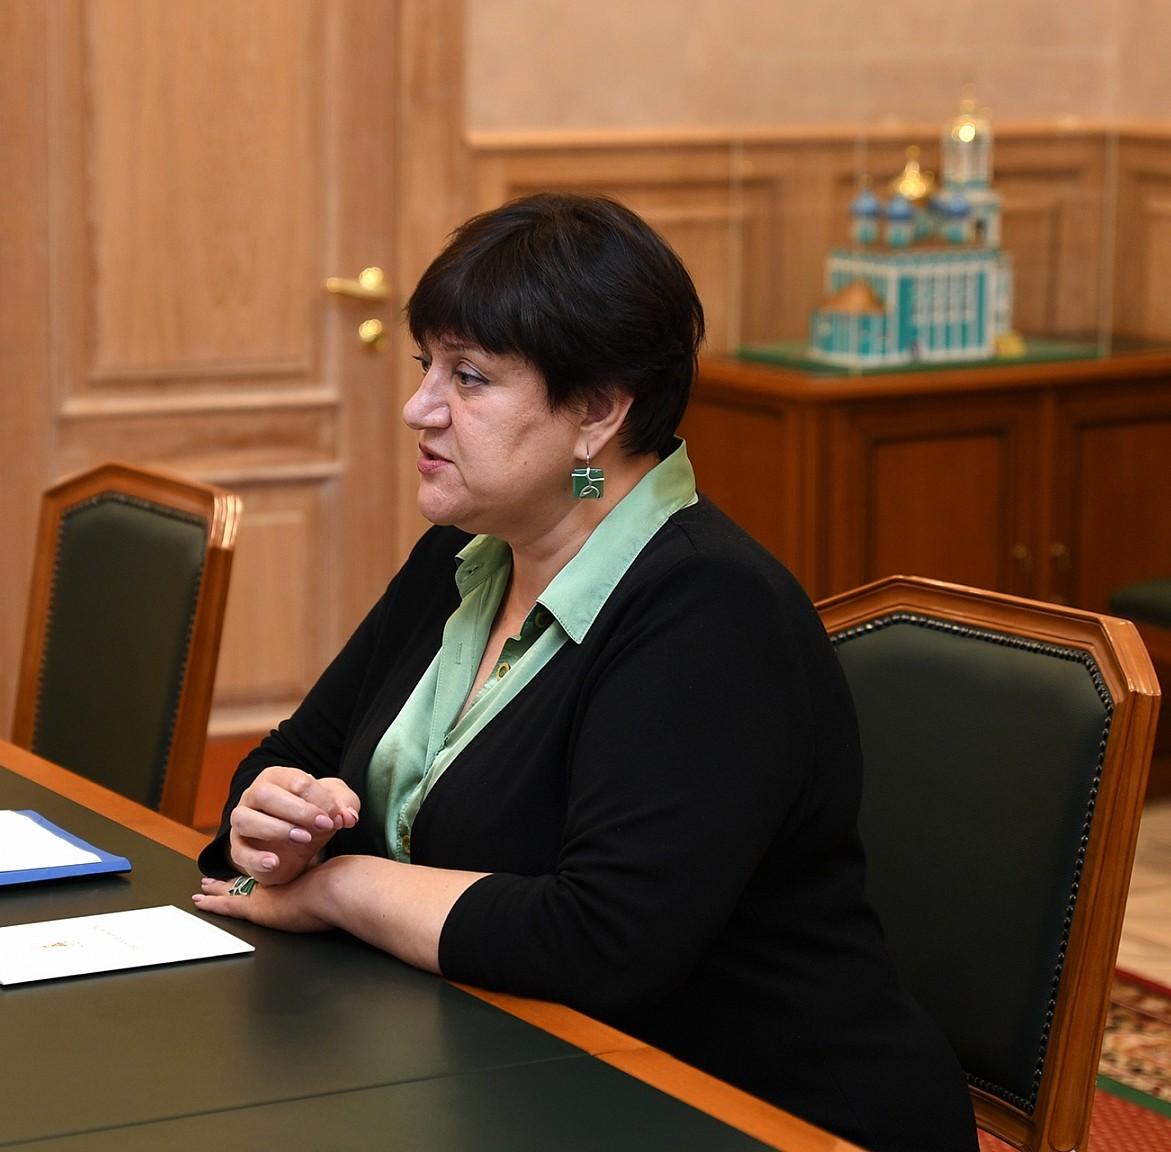 Наталья Виноградова: Газификация обеспечивает развитие наших сельских поселений